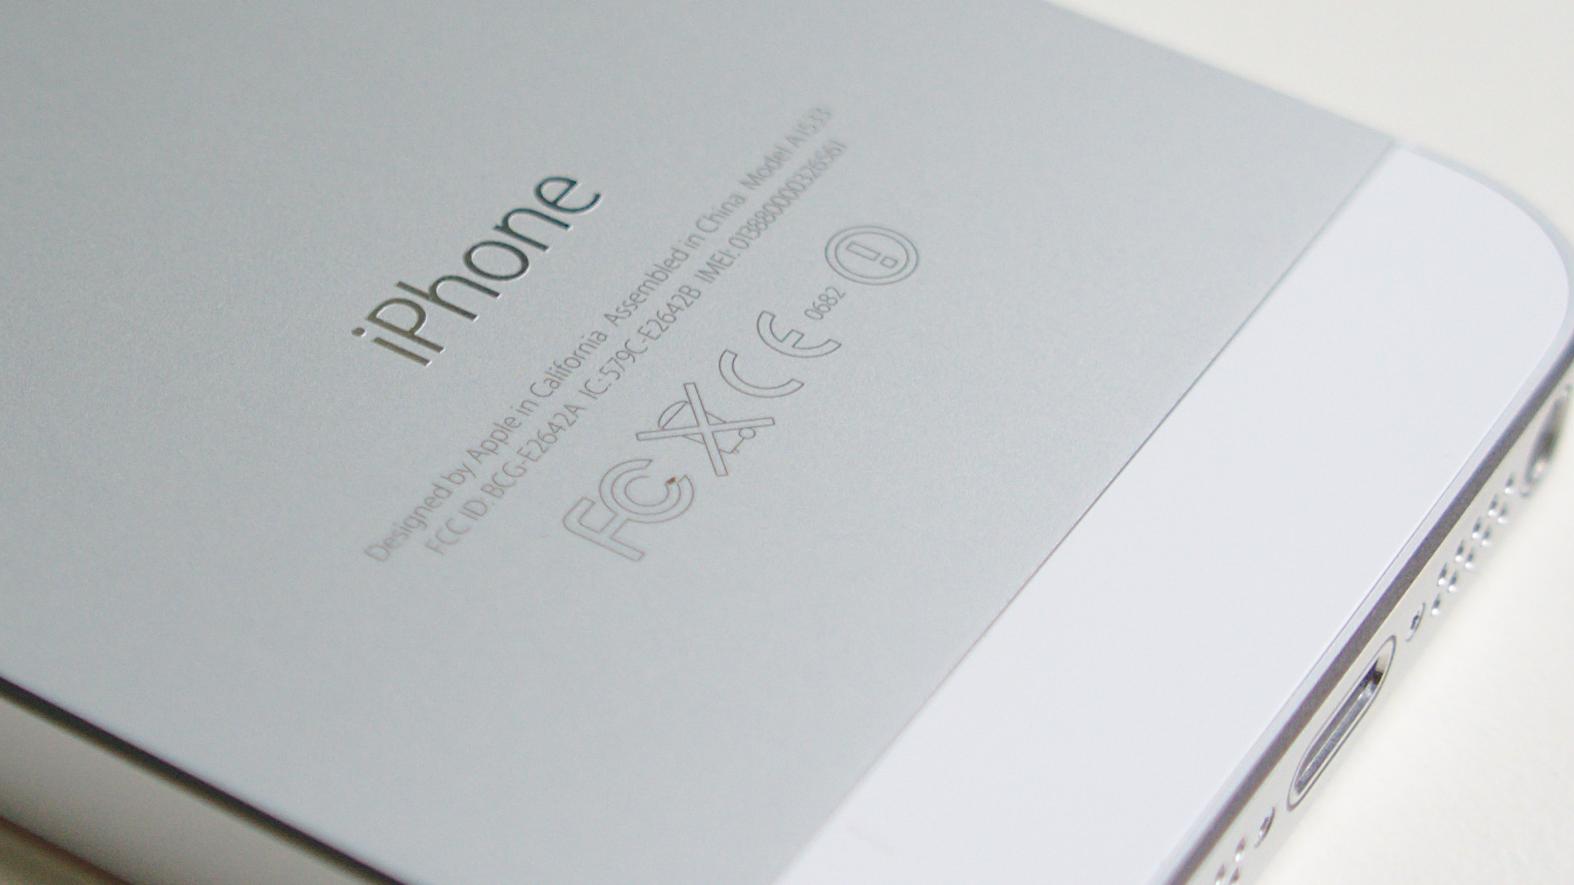 iphone-wordmark-16x9